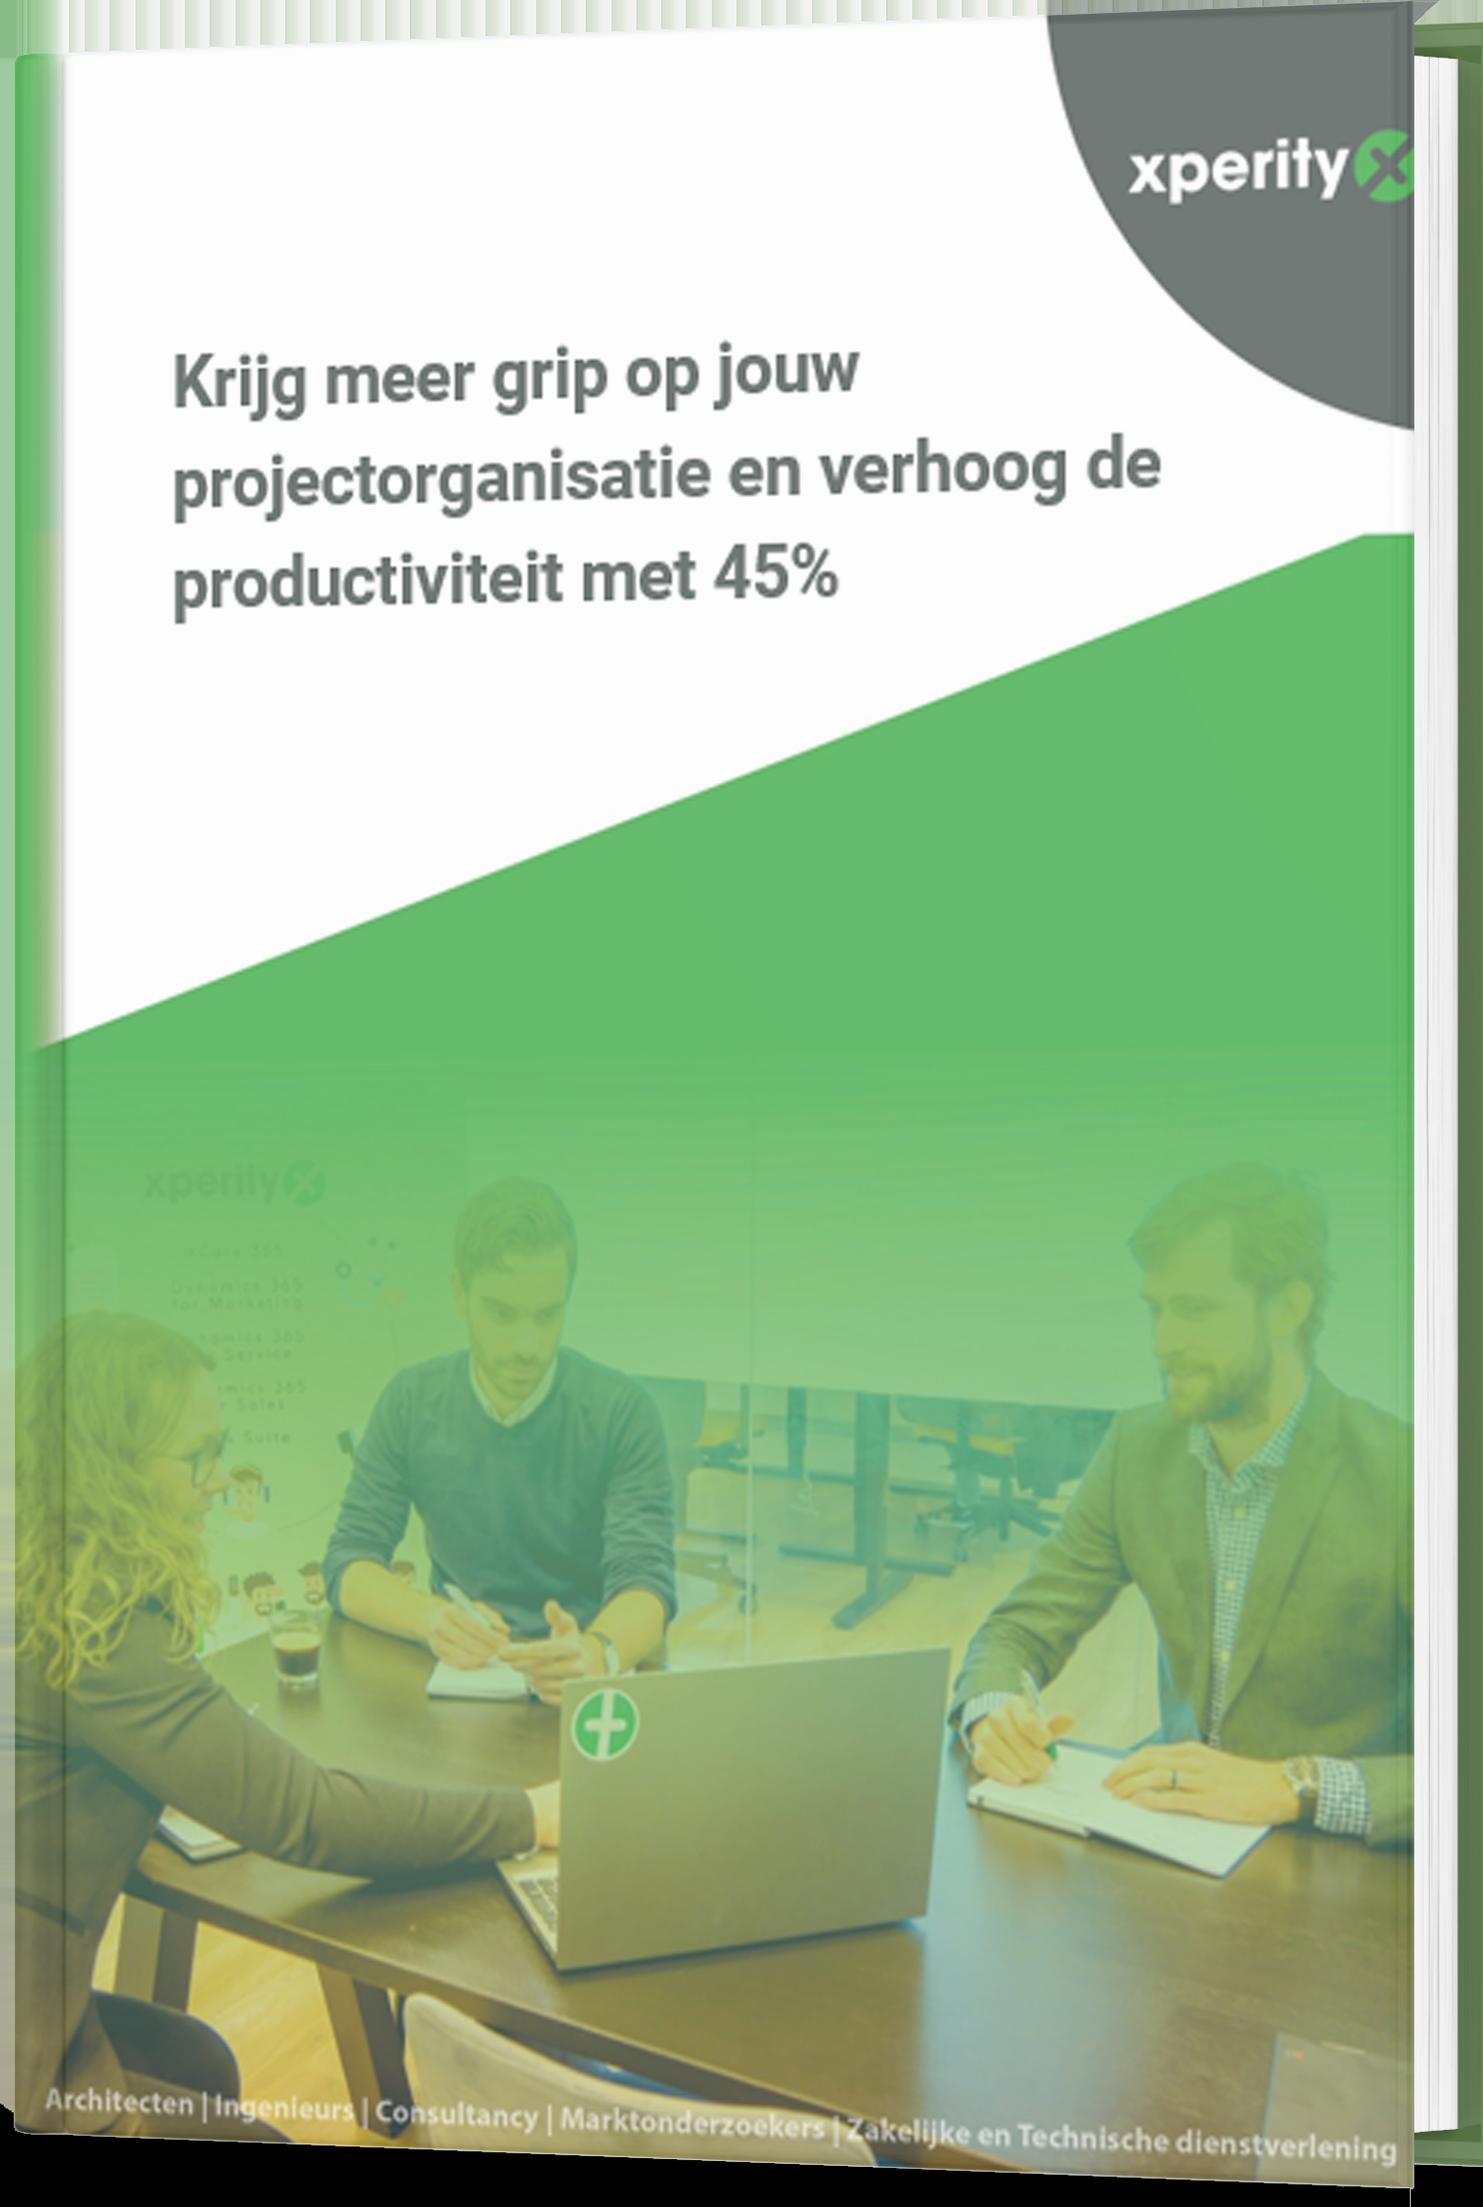 CRM systeem voor projectorganisaties